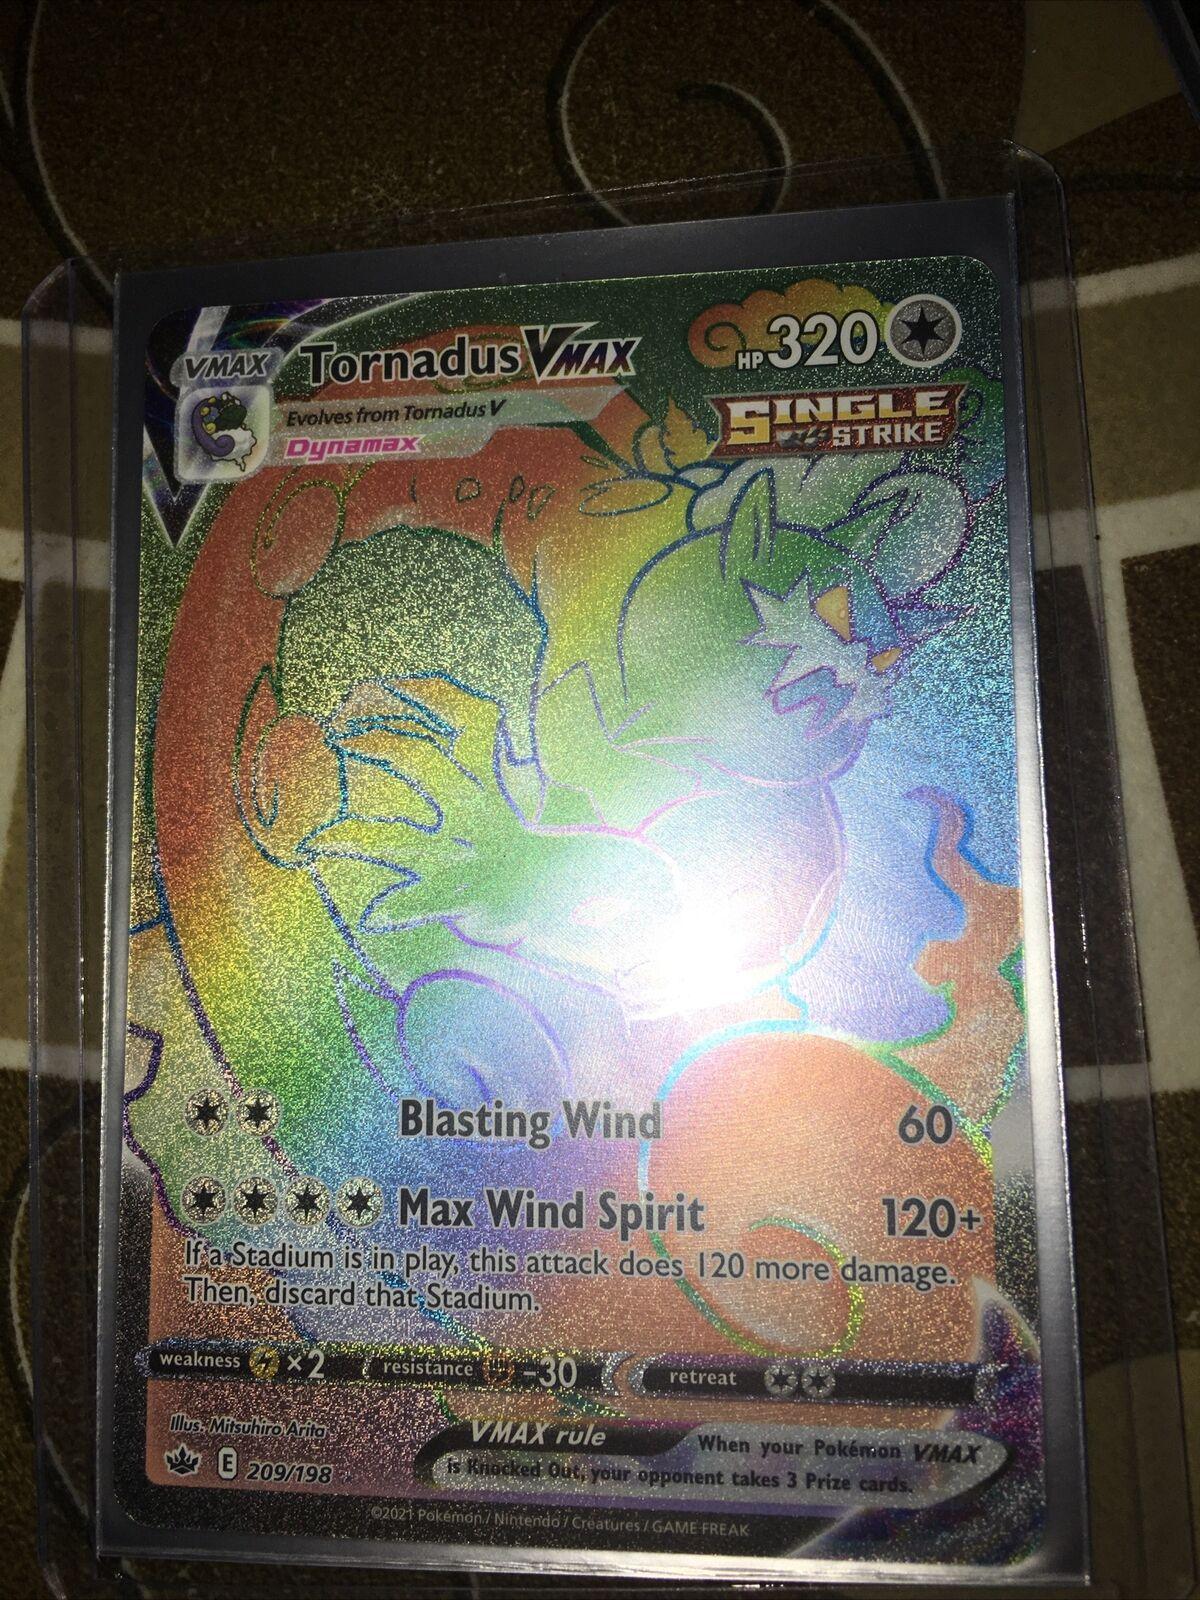 Tornadus VMAX 209/198 Secret Rainbow Rare Pokemon Chilling Reign Nm-Mint - Image 1